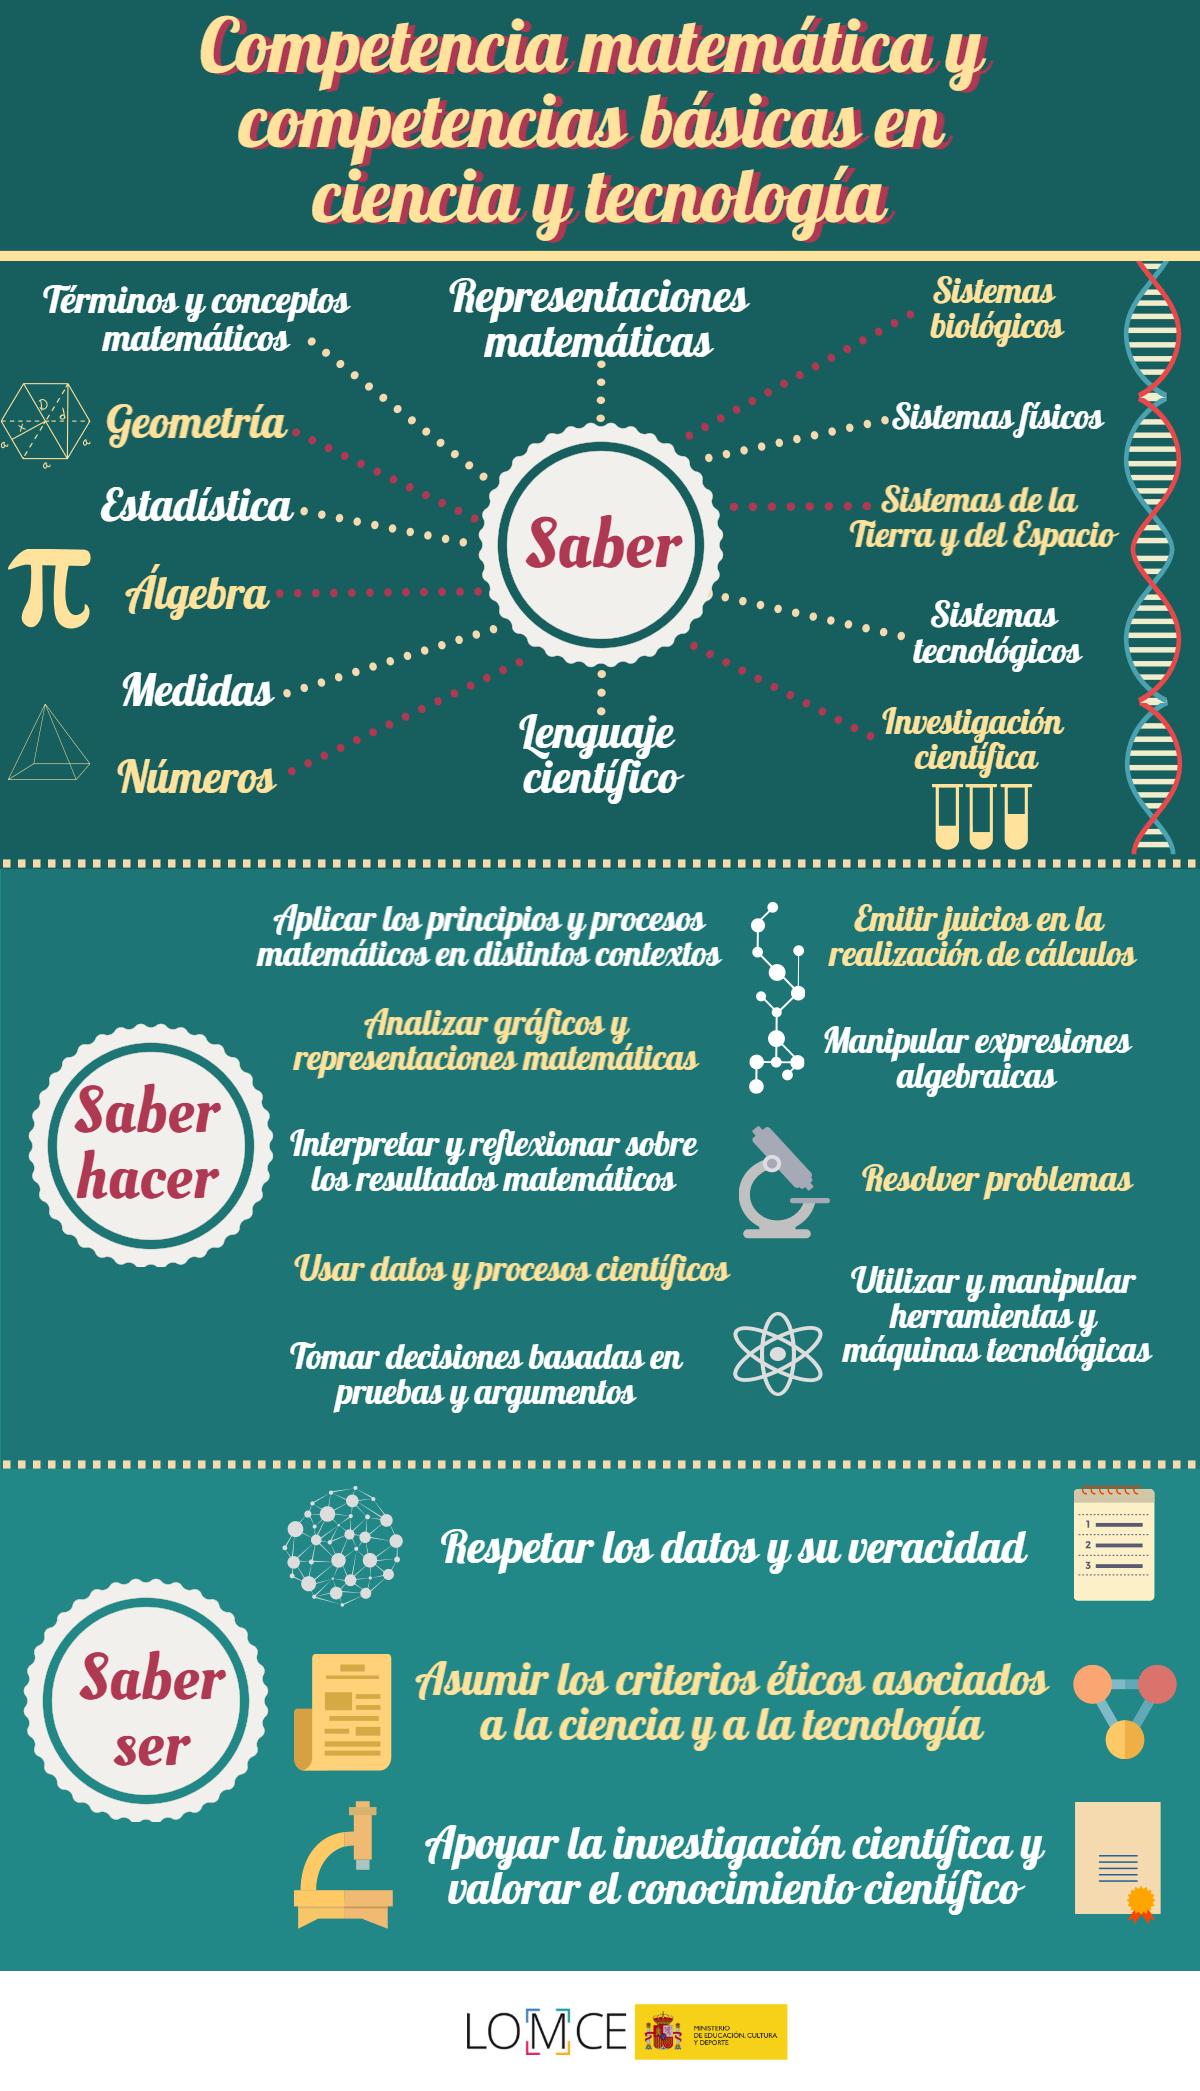 28 Ideas De Educación Educacion Aprendizaje Enseñanza Aprendizaje